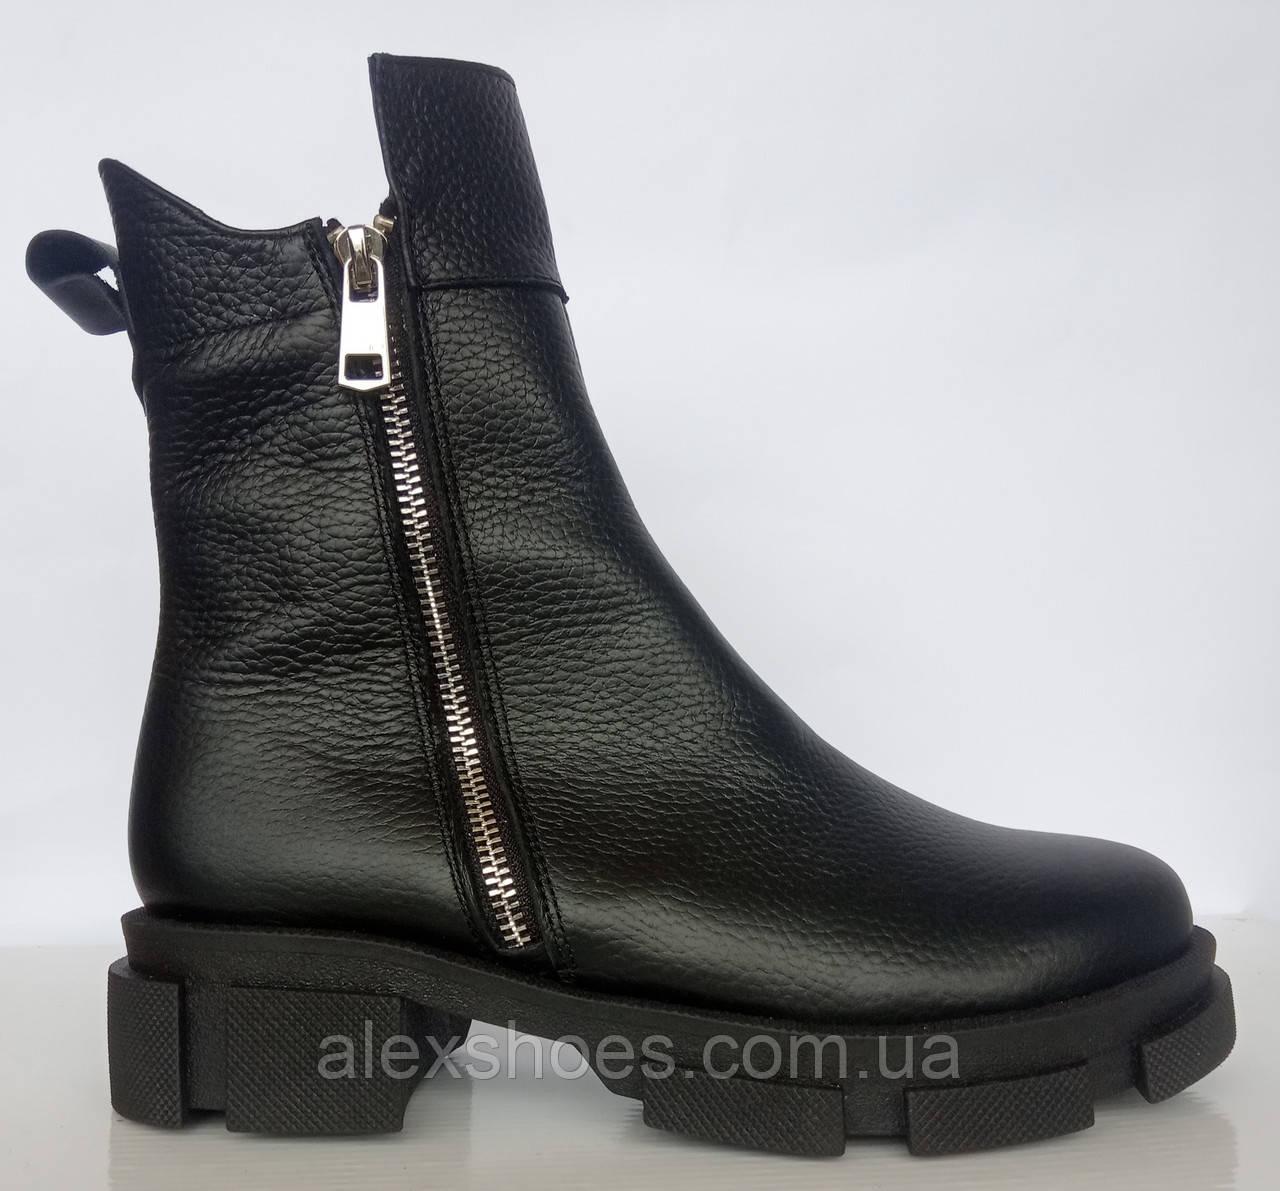 Ботинки женские зимние кожаные от производителя модель ДС743-2